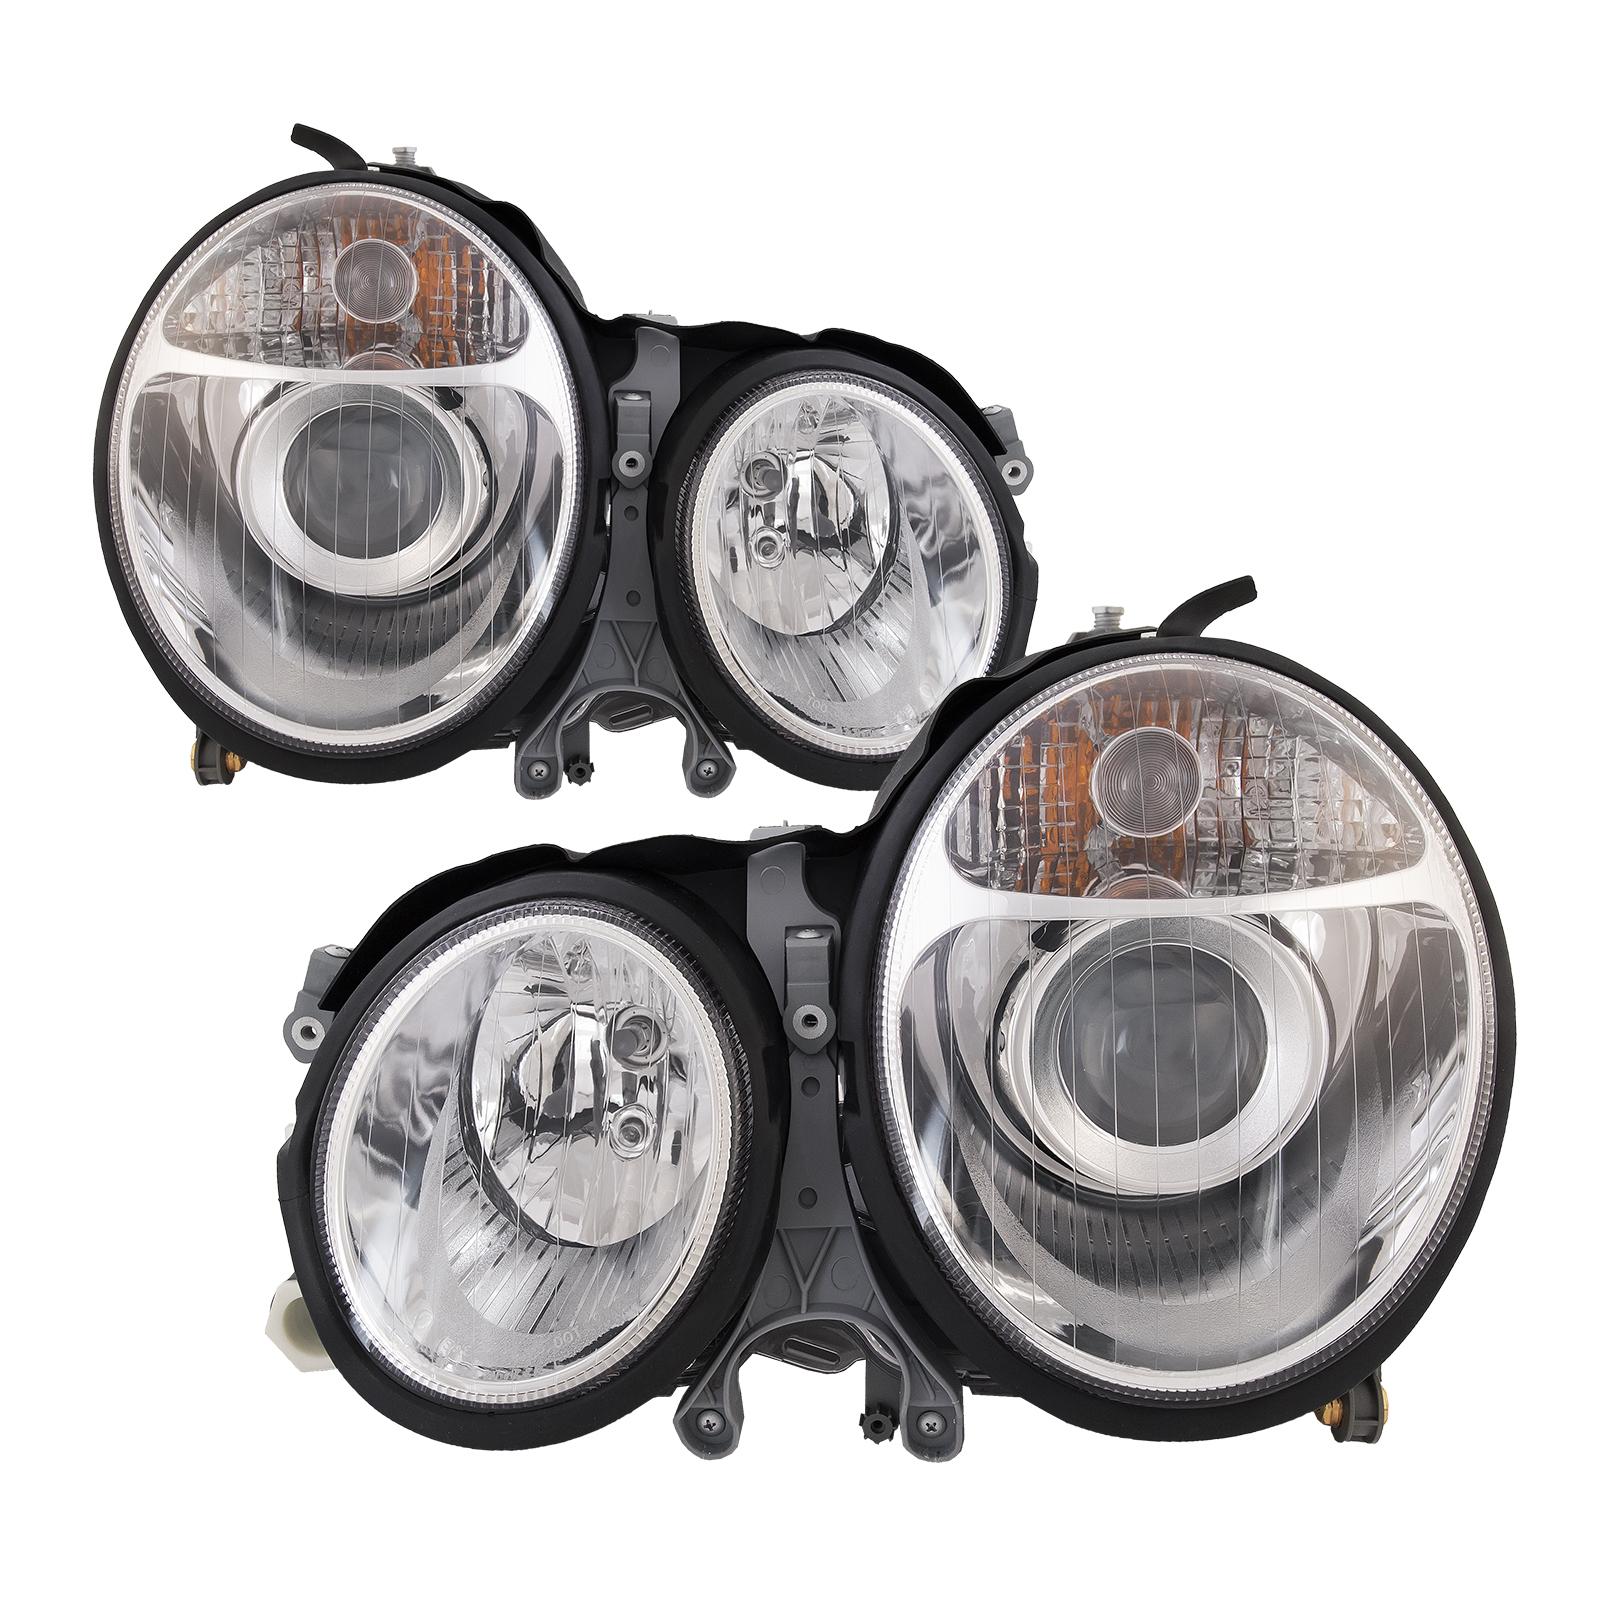 Original OEM For 03-06 Mercedes W211 E Class Halogen Headlight Headlamp Housing